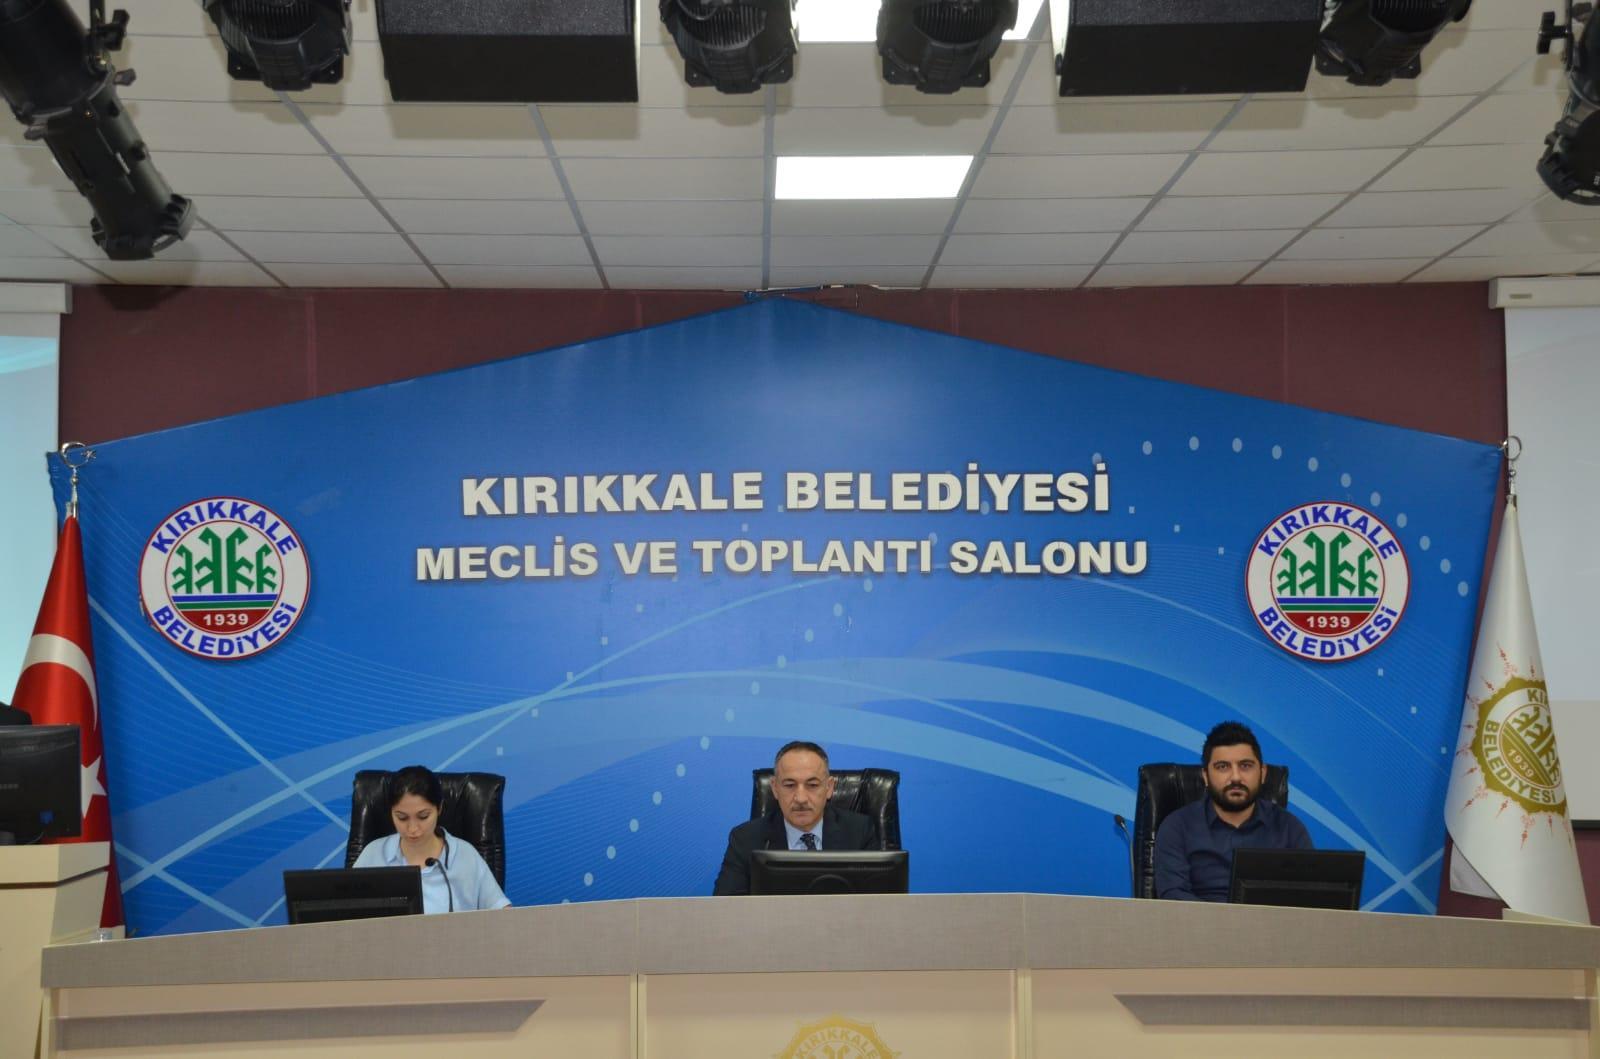 Belediye Meclisinden Barış Pınarı Harekatına destek 2 - Belediye Meclisi'nden Barış Pınarı Harekatı'na destek